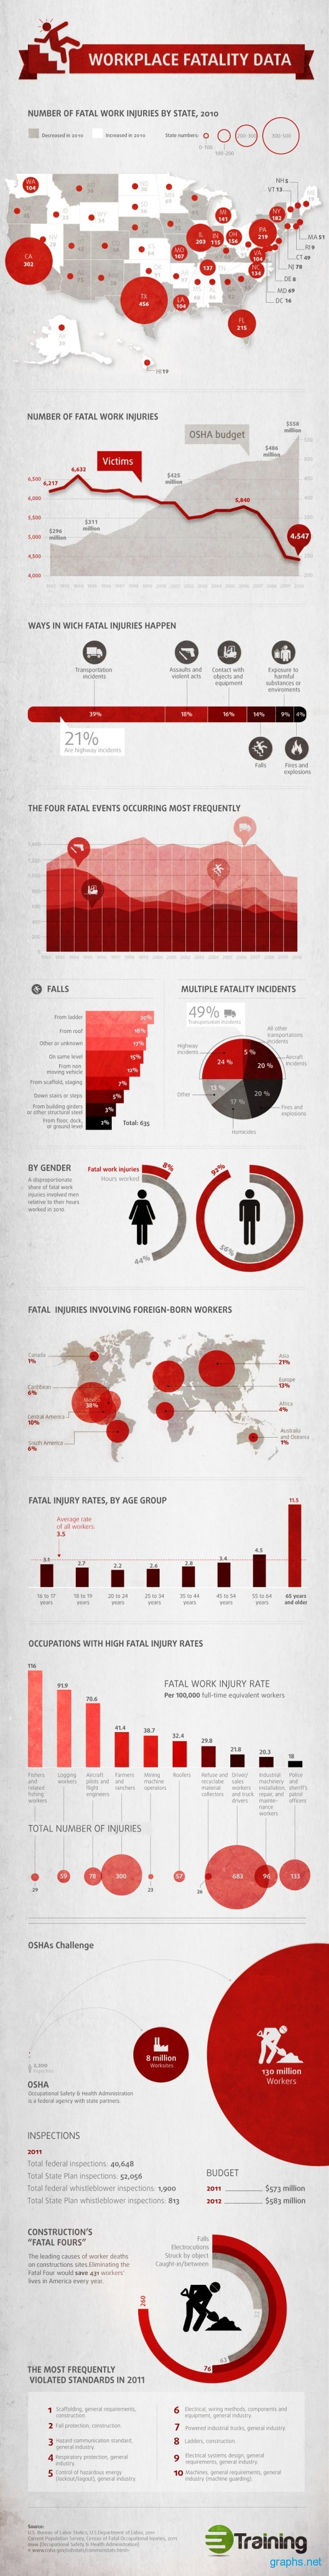 Fatal Injuries Statistics